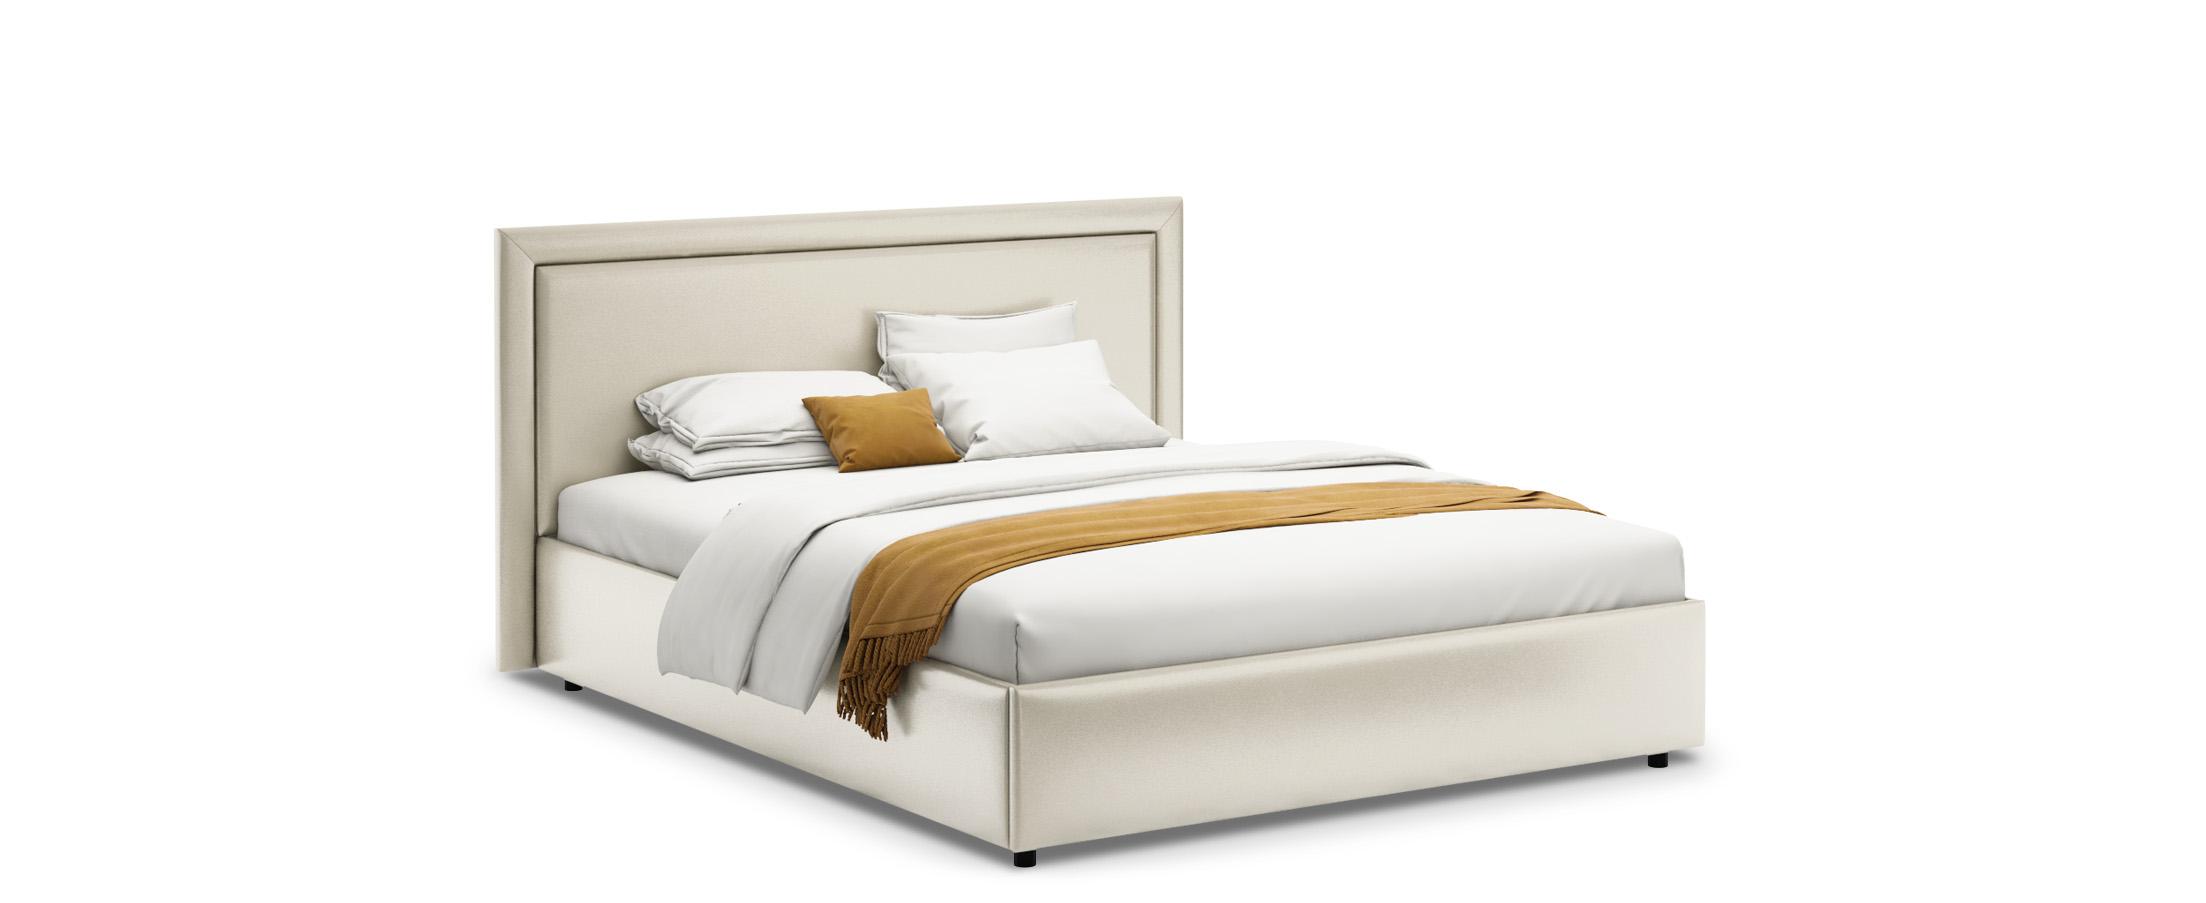 Кровать двуспальная Паола 160х200 Модель 1201Прямоугольная форма изголовья кровати Паола с мягкой рамой по краям напоминает собой картину. Простые строгие формы без лишних деталей позволяют вписать эту кровать в интерьер практически любого стилистического направления.